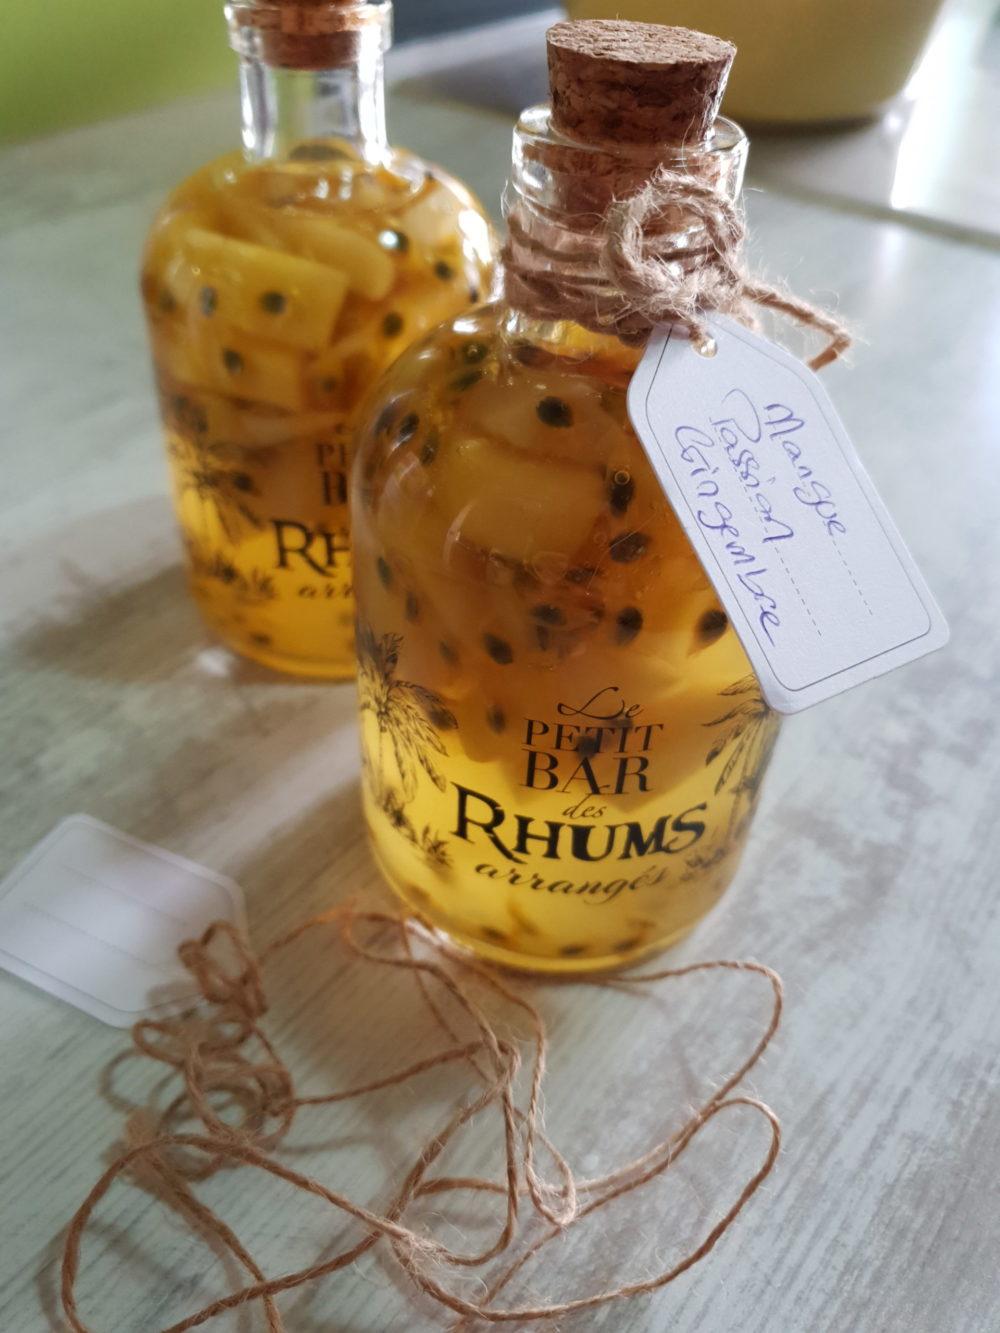 Home made tropical liquor